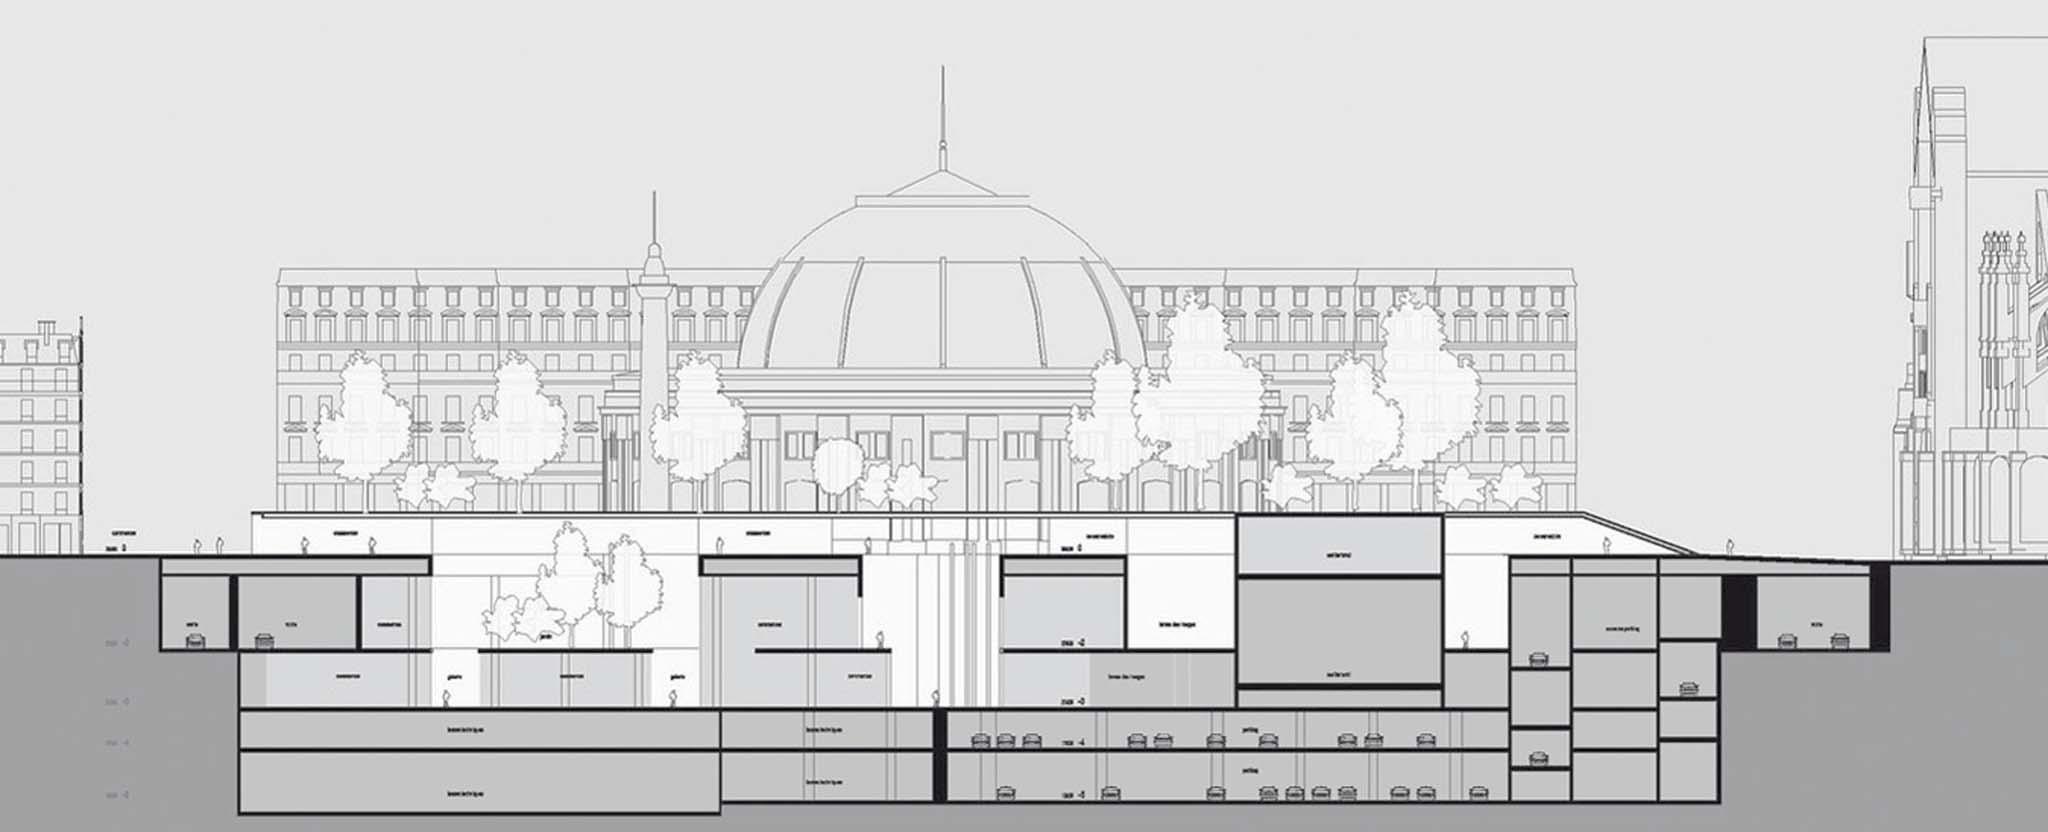 mvrdv concours pour le r am nagement du quartier des halles 2004 coupe transversale phase 2. Black Bedroom Furniture Sets. Home Design Ideas